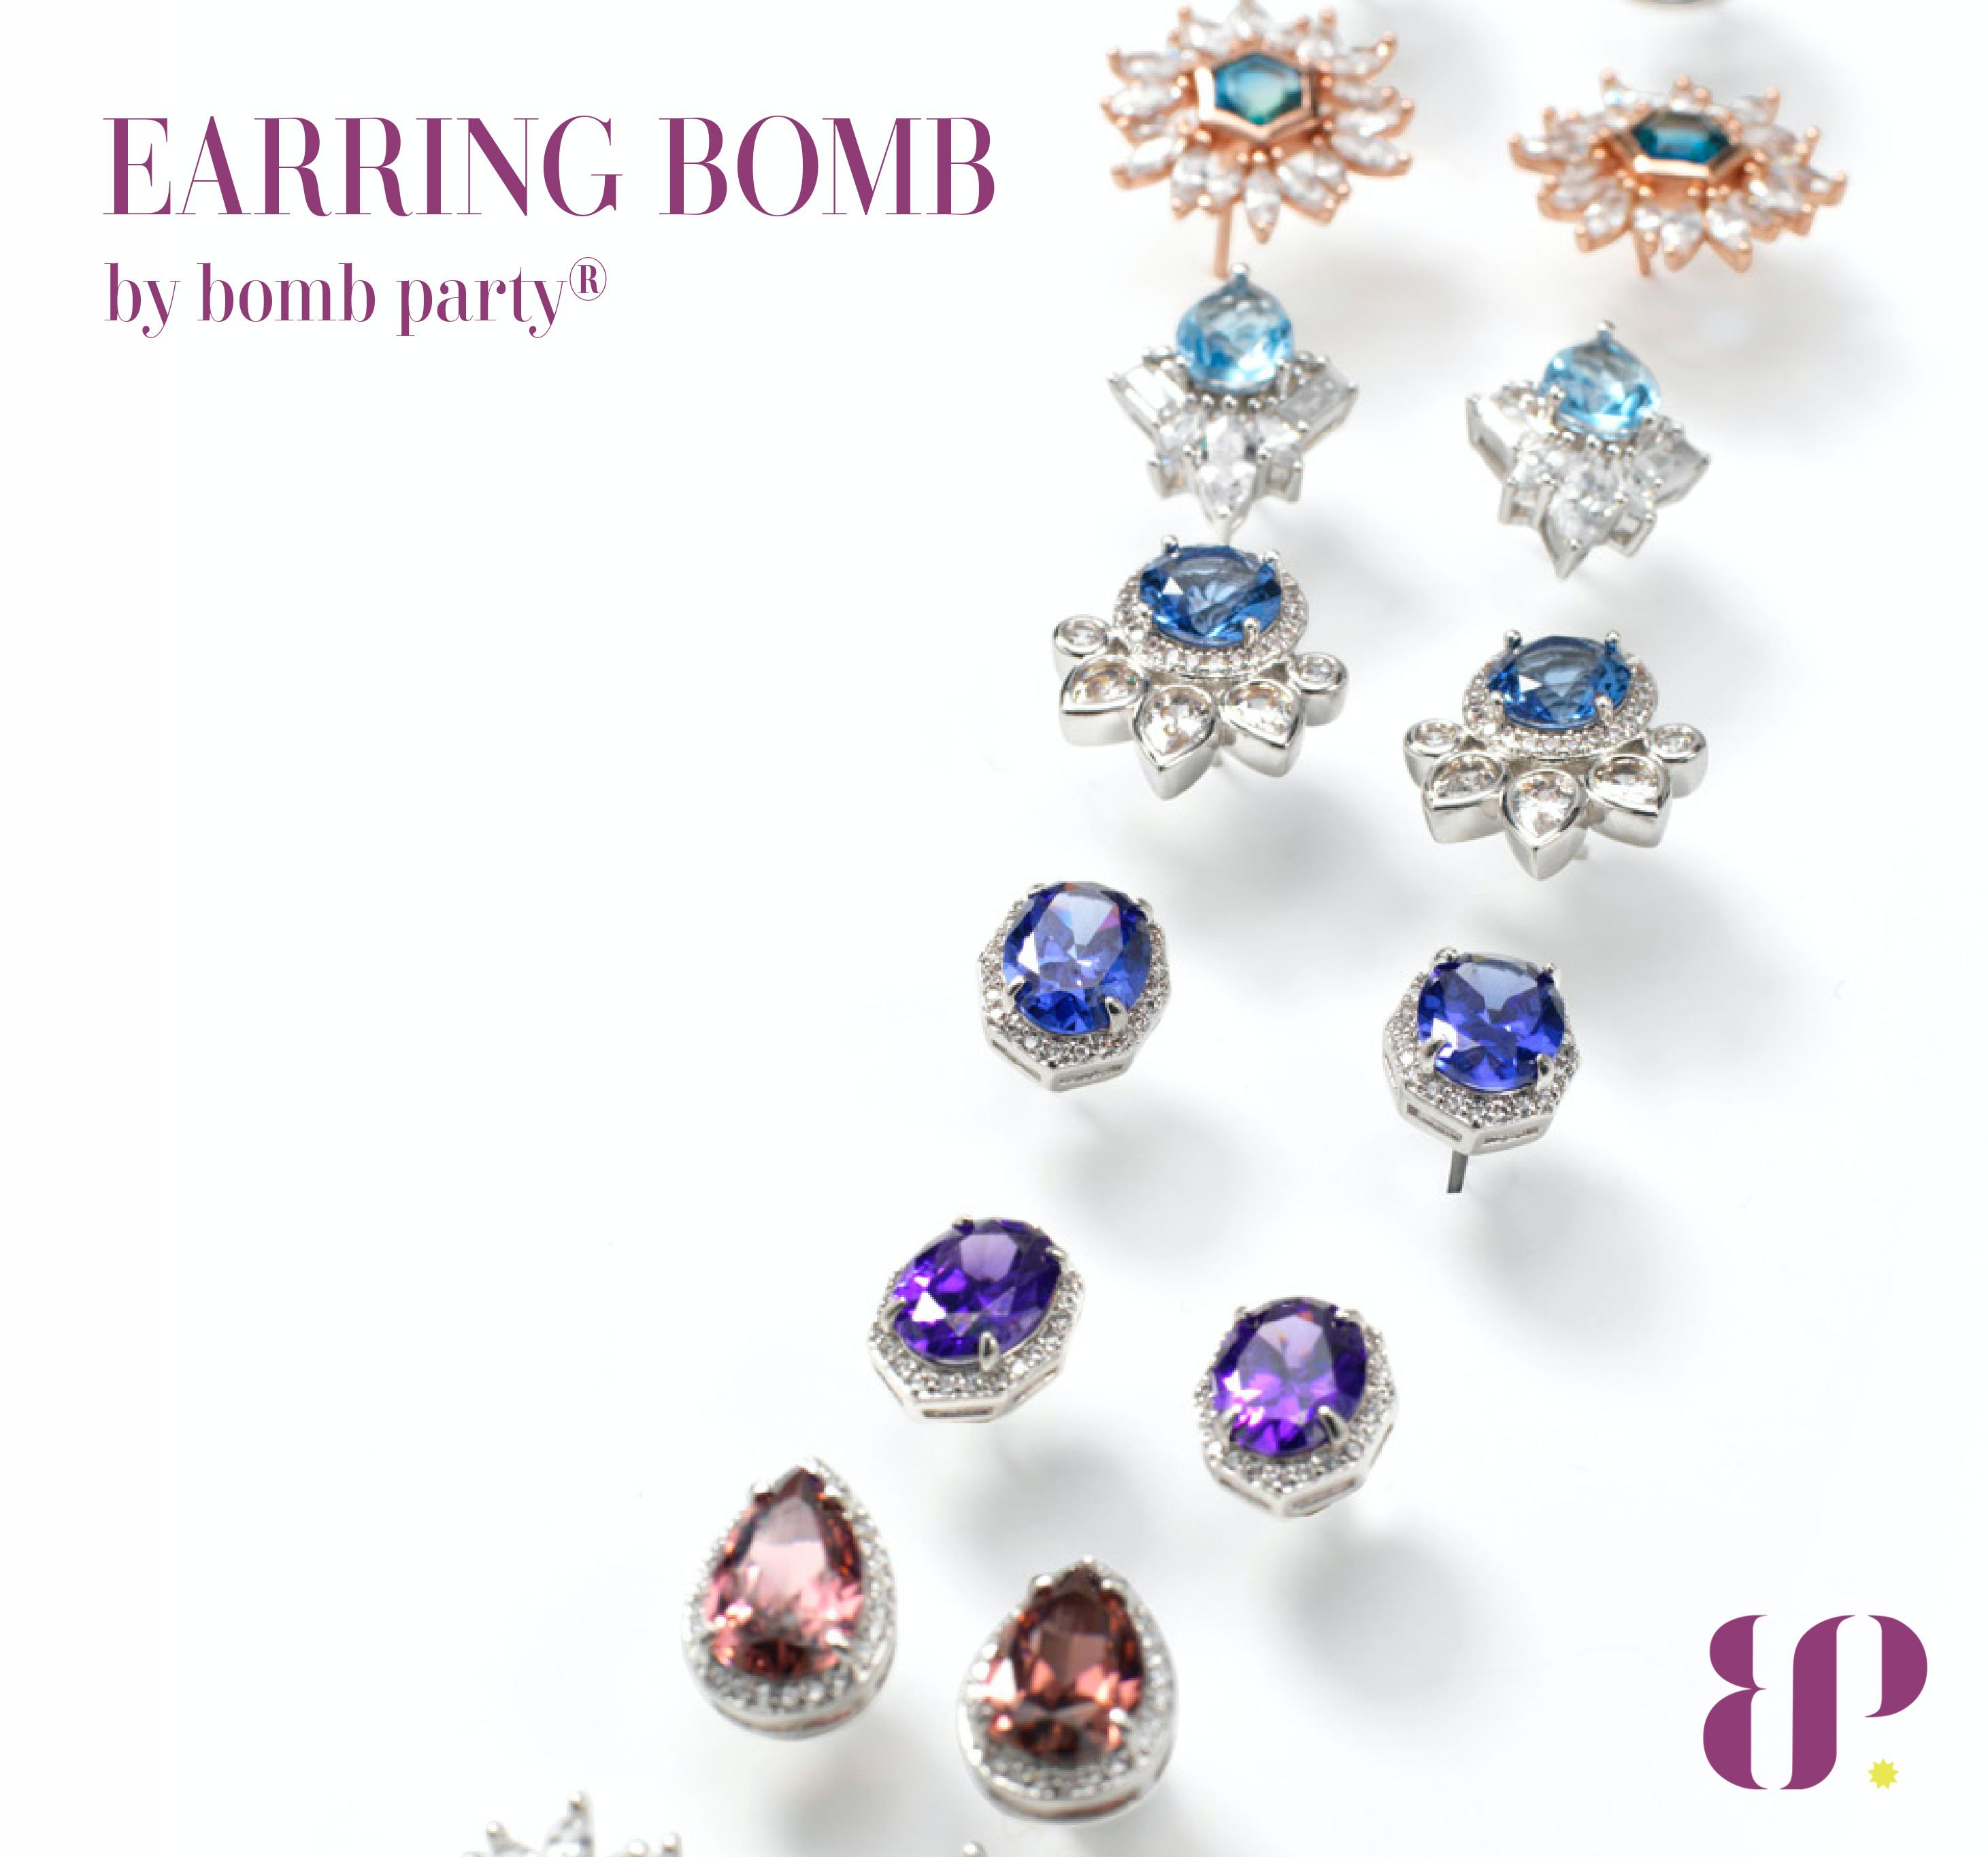 Image for Original Earring Bomb